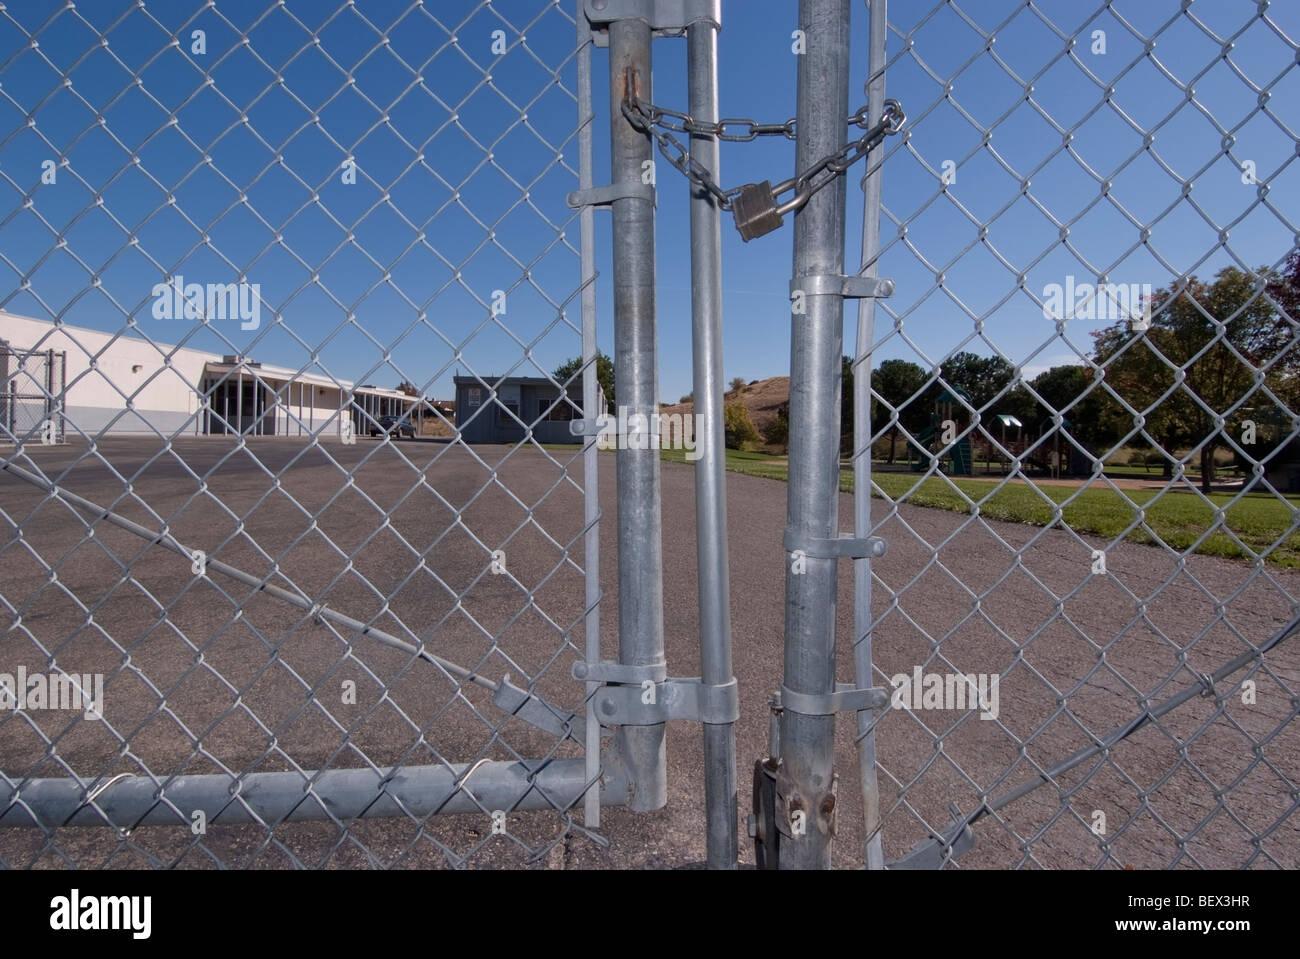 Browns Valley Elementary School fermé après un 6 ans, élève de 1ère classe est mort de Photo Stock